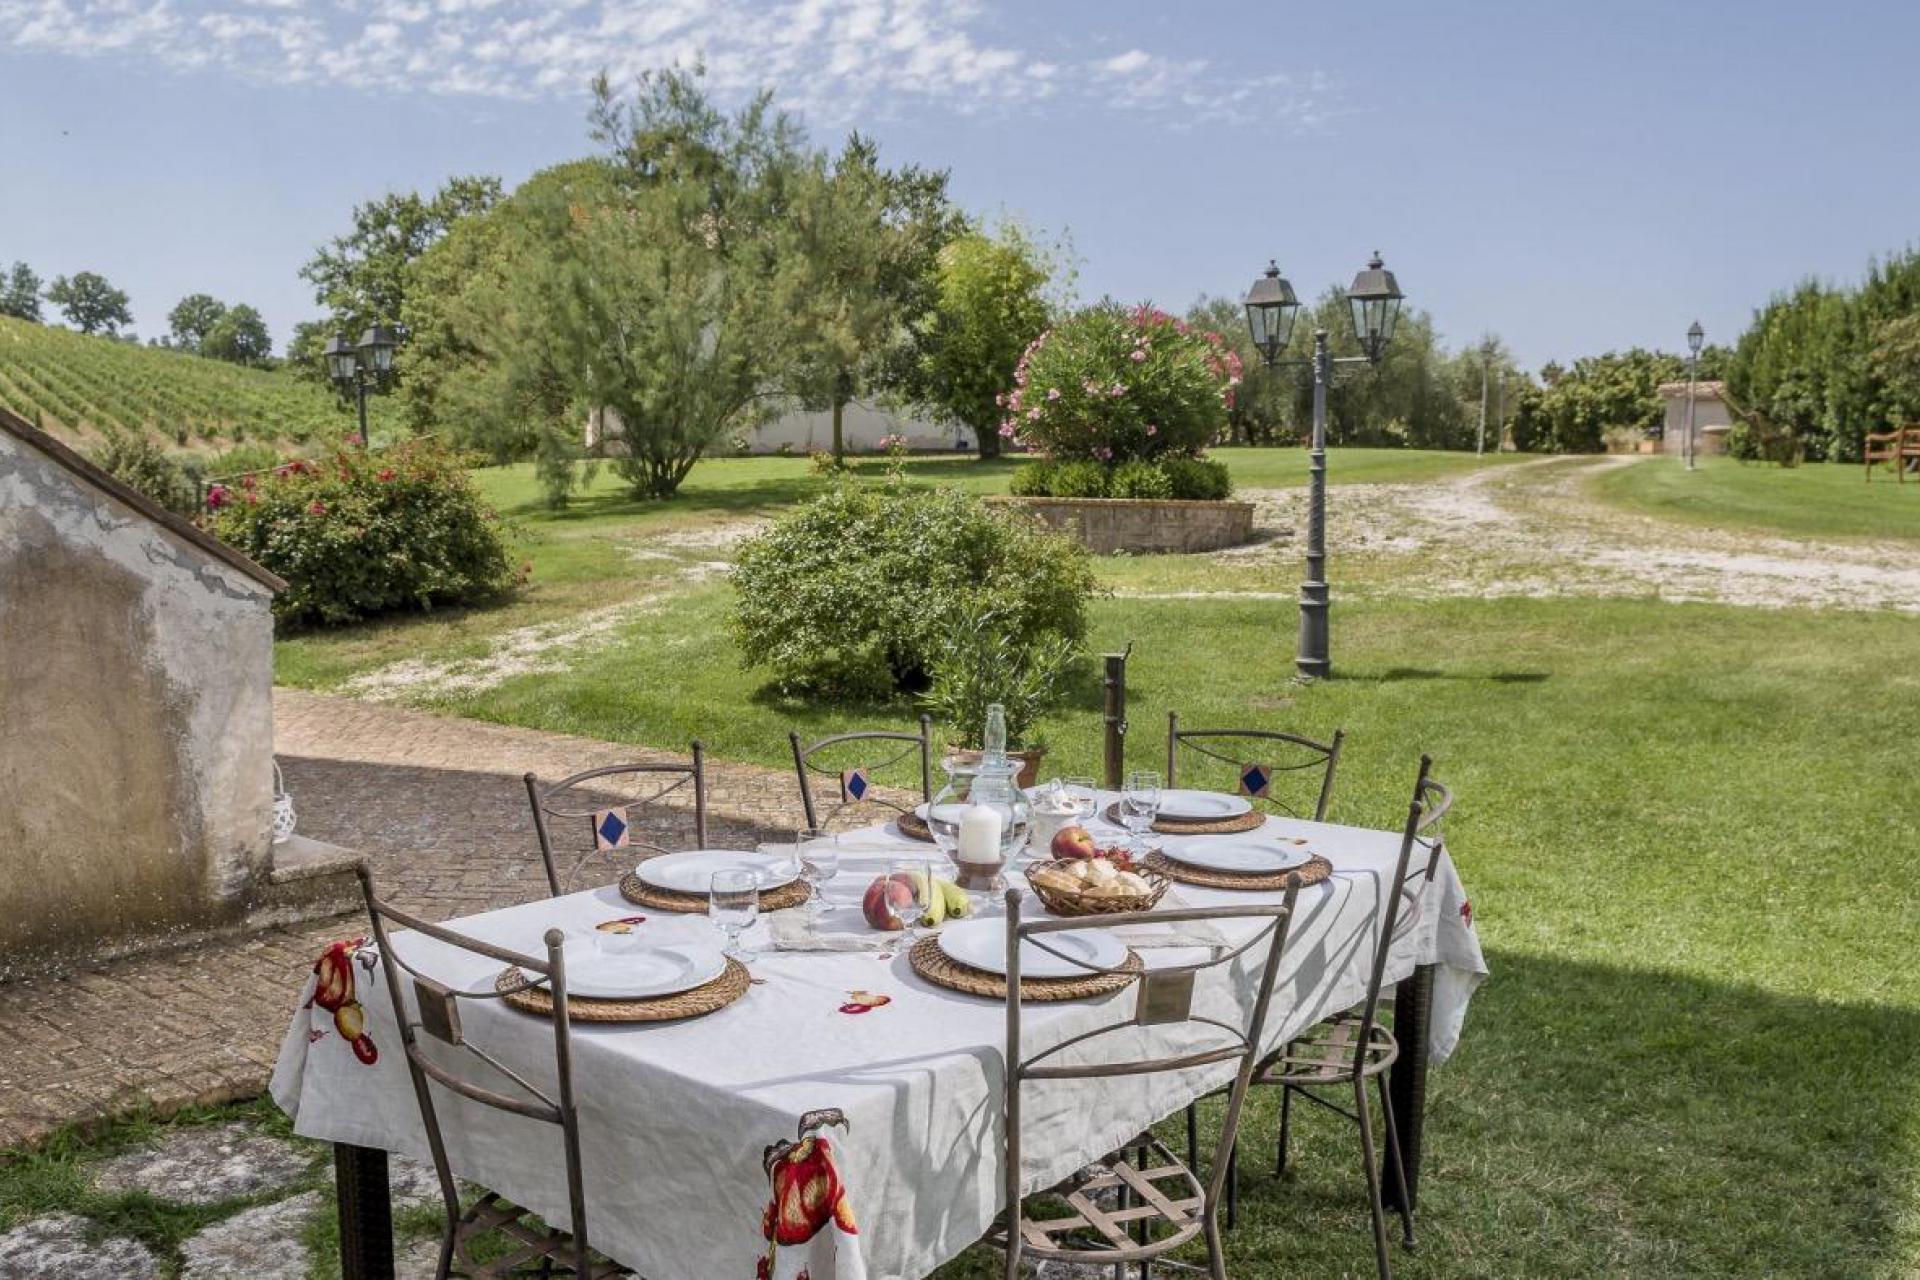 Agriturismo Rom Agriturismo in der Nähe von Rom in der Region Latium